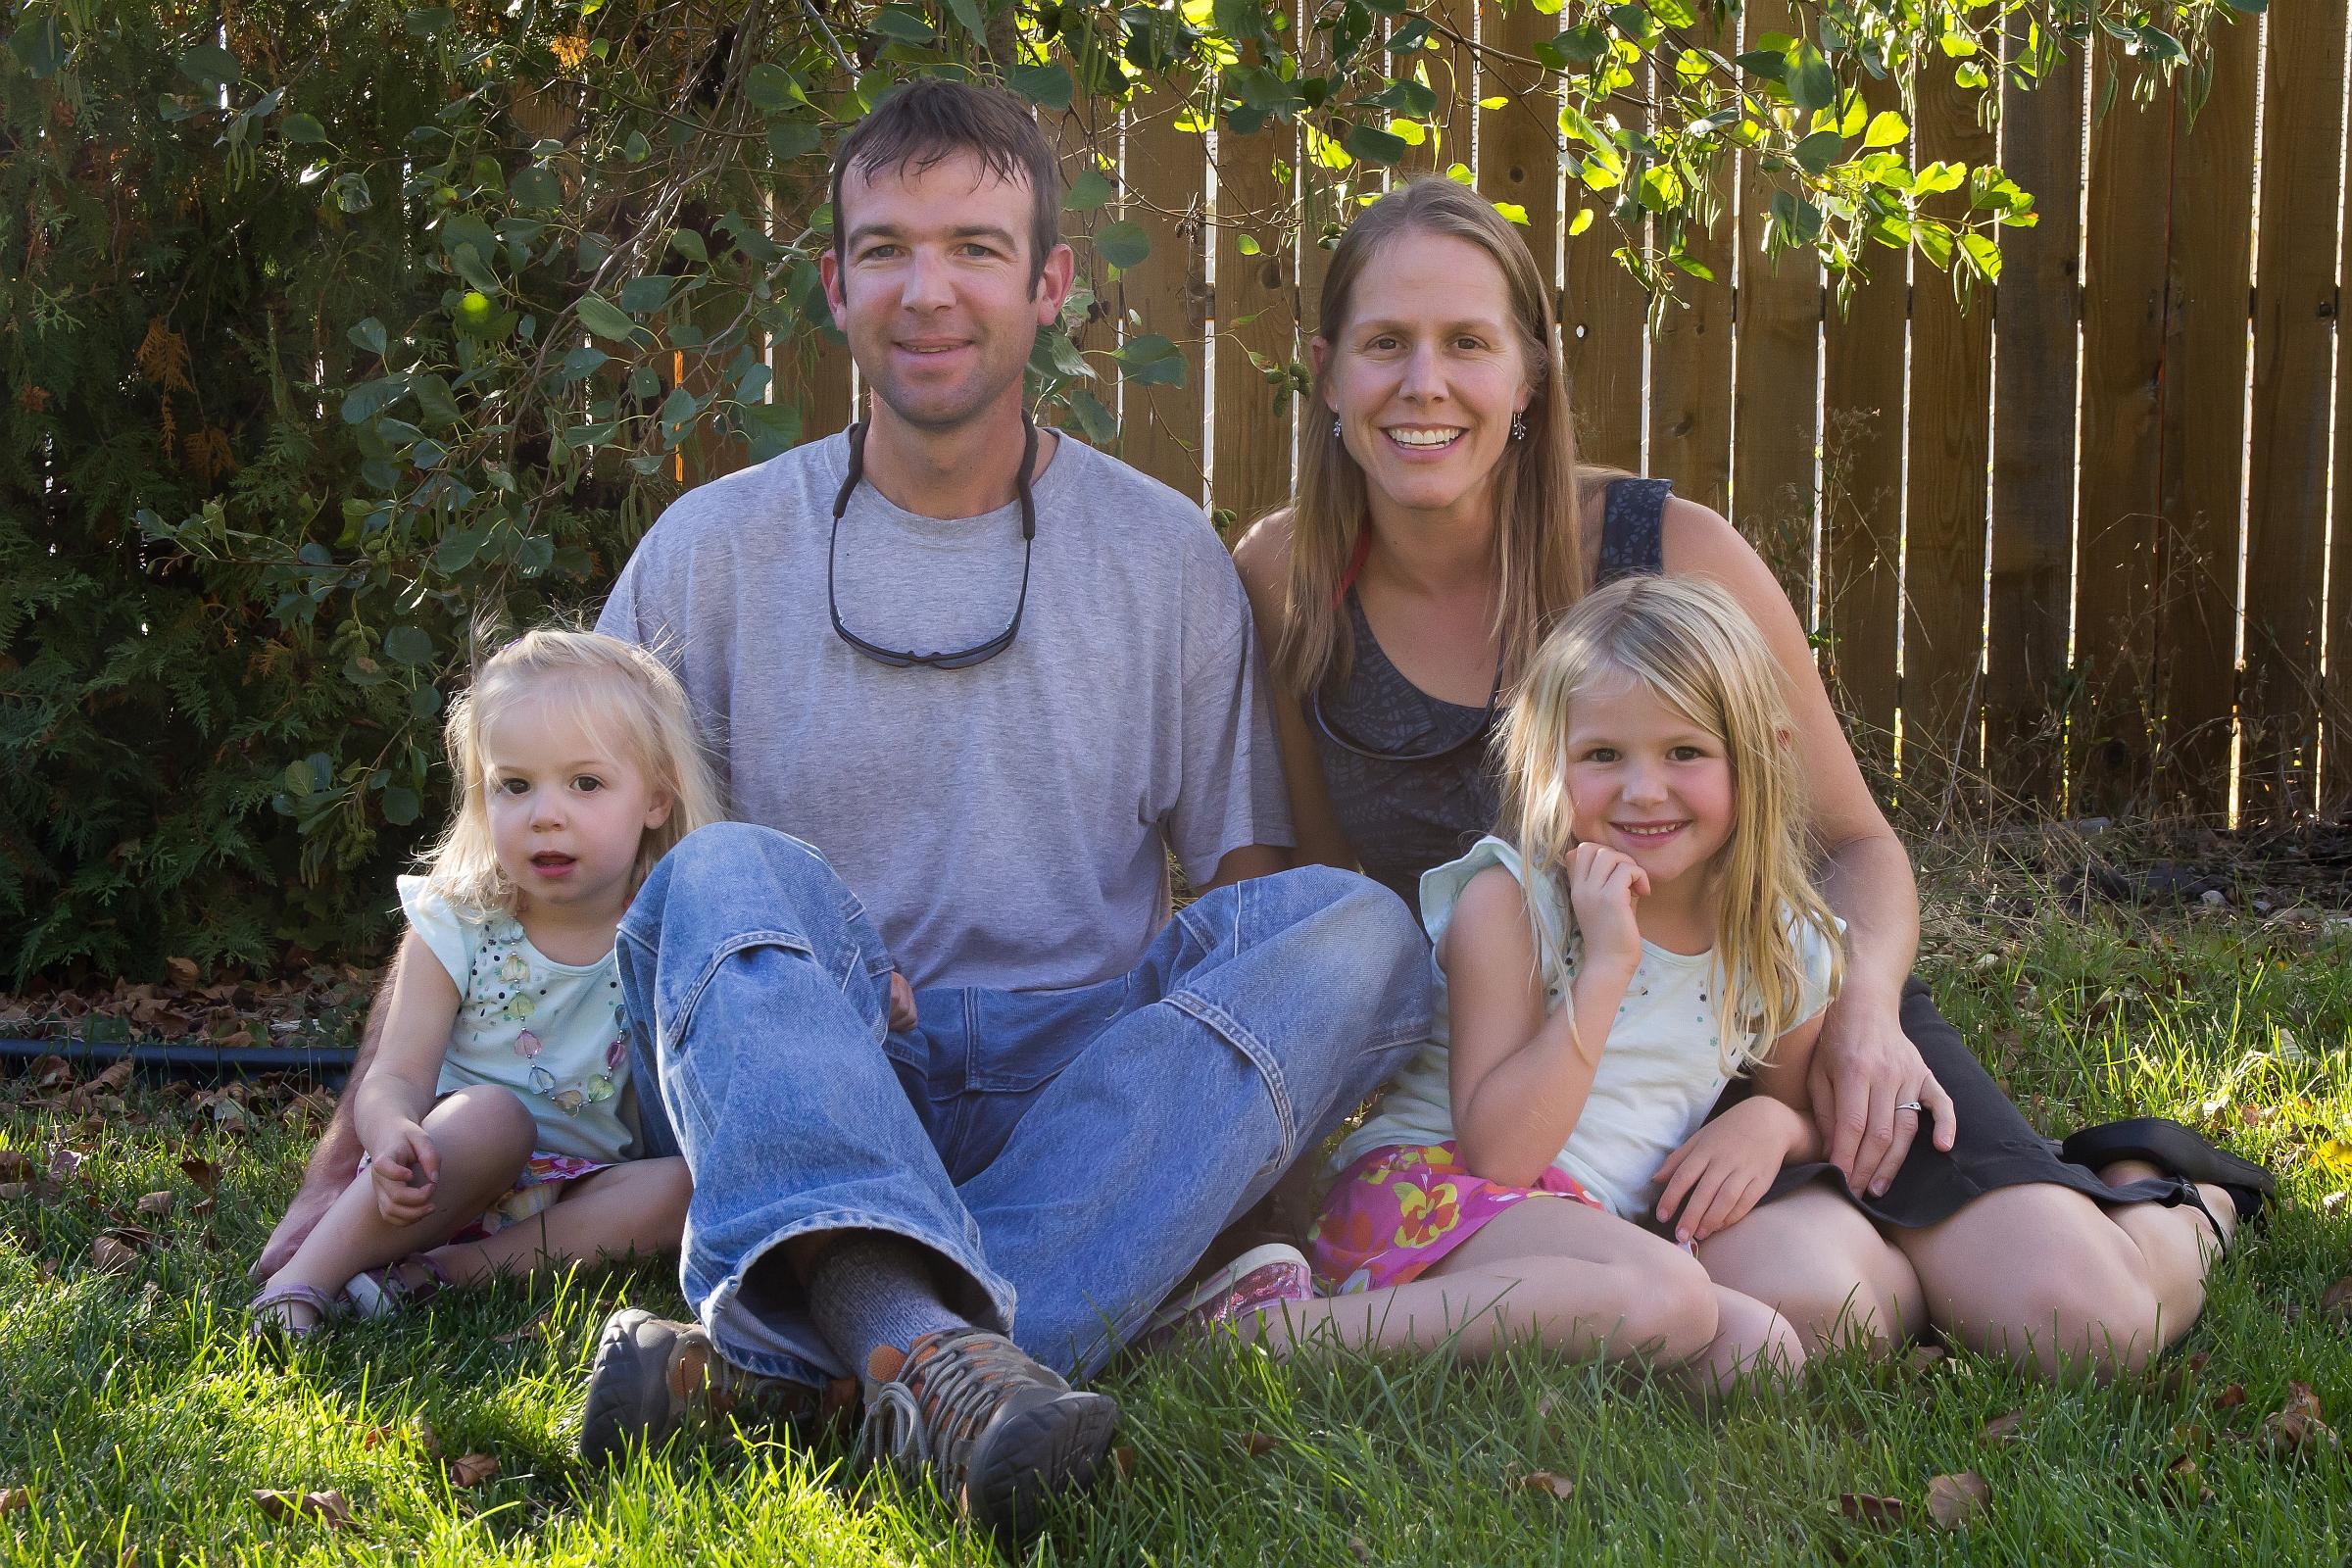 family_portrait_1-1610_resized_8in.jpg